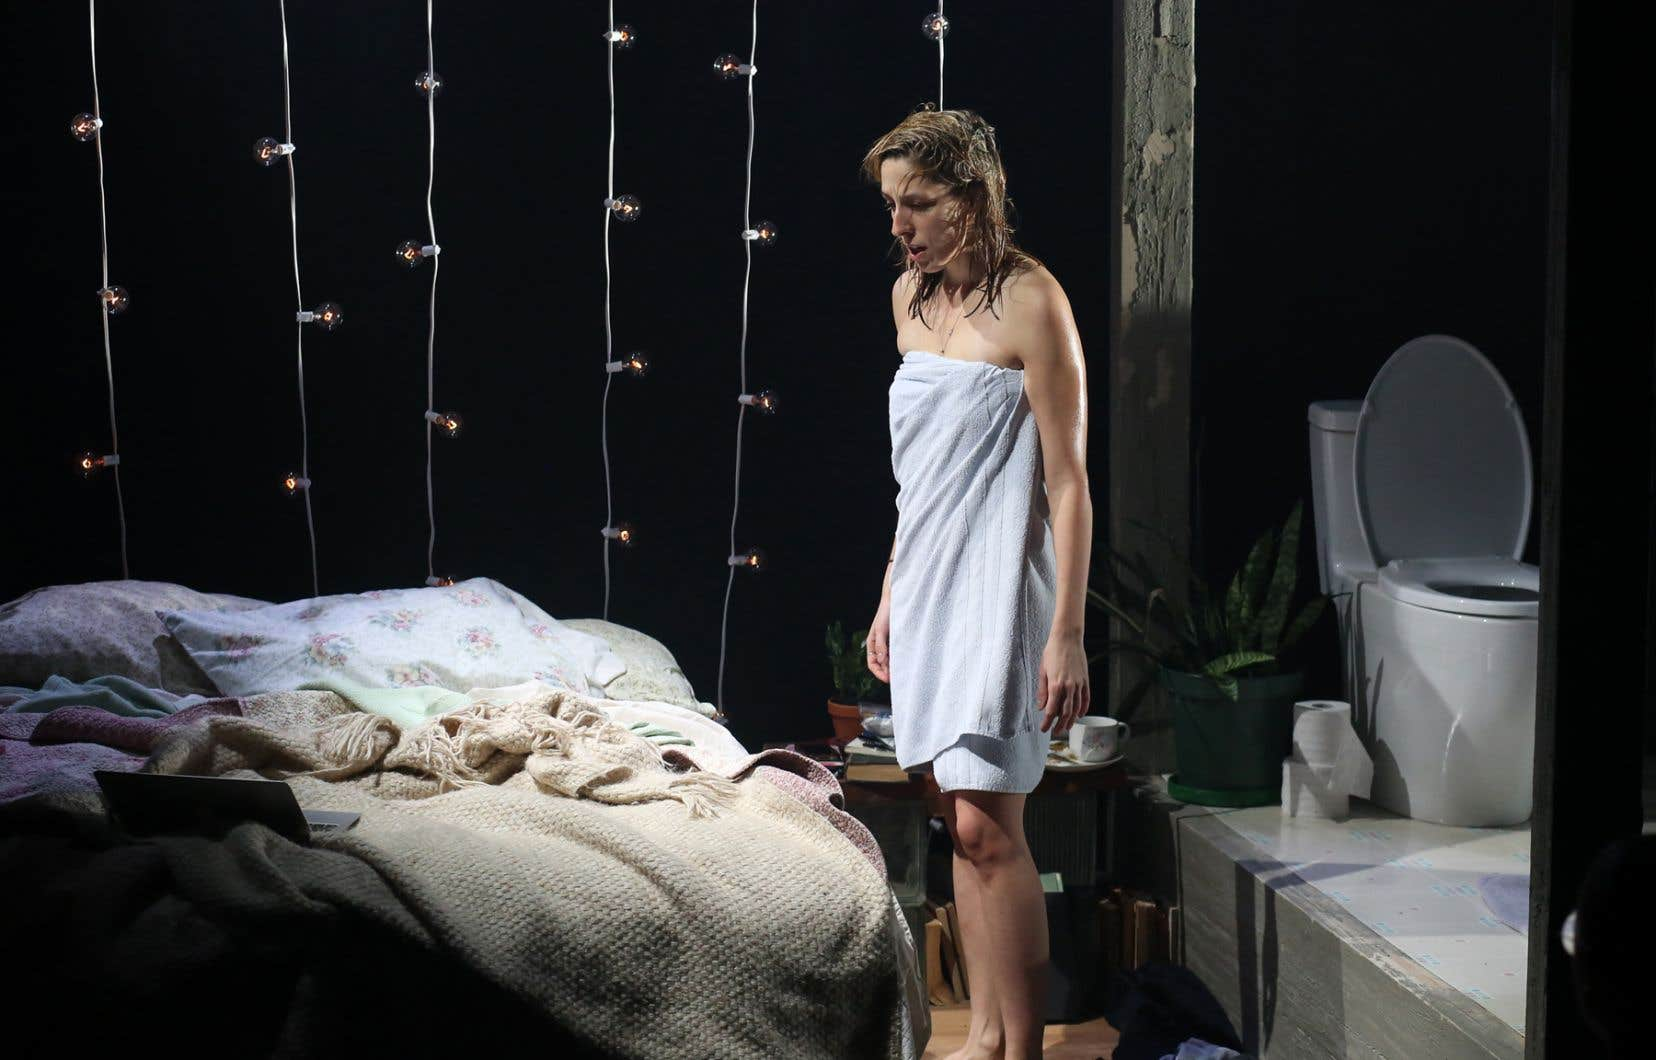 On s'attendrait à ce que le récit de l'émancipation sexuelle d'une femme se permette d'explorer davantage le corps féminin et s'éloigne des codes de la pornographie.